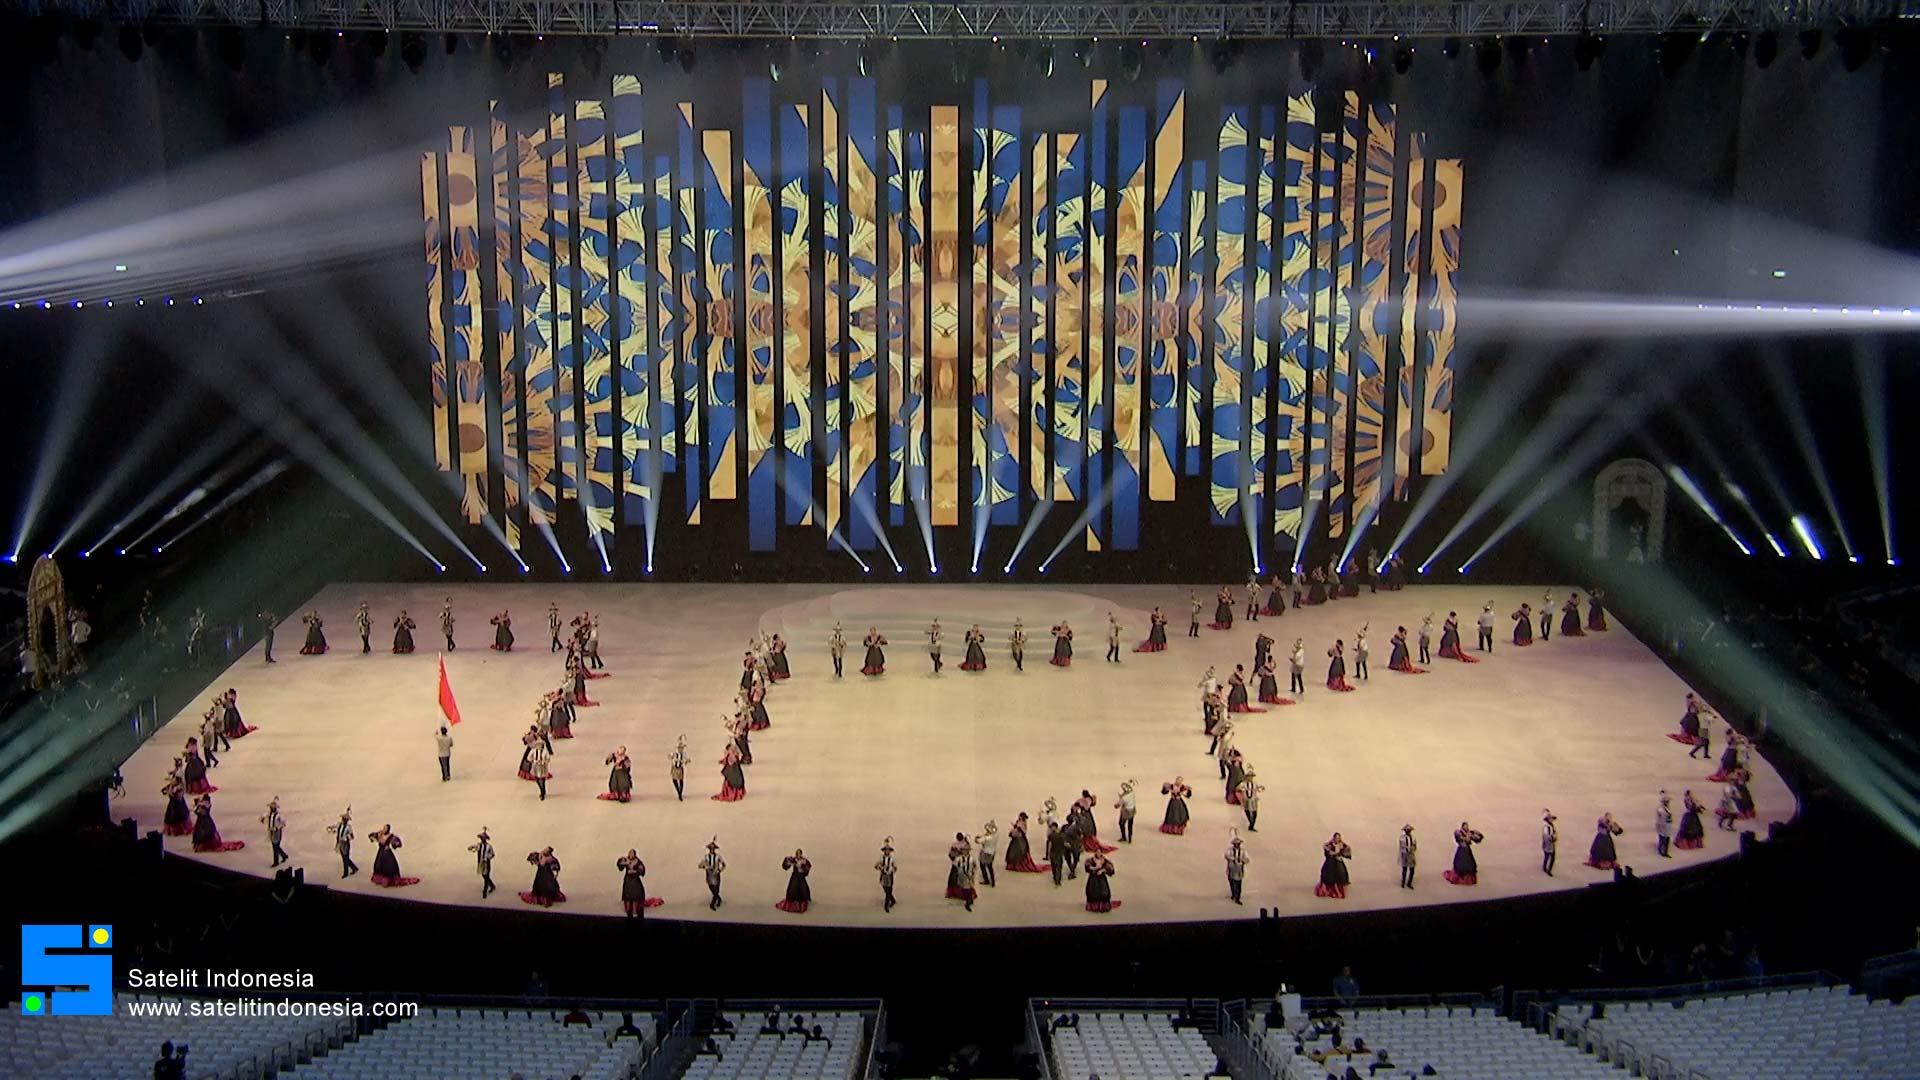 Frekuensi siaran SEA Games Phil Arena di satelit Measat 3a Terbaru